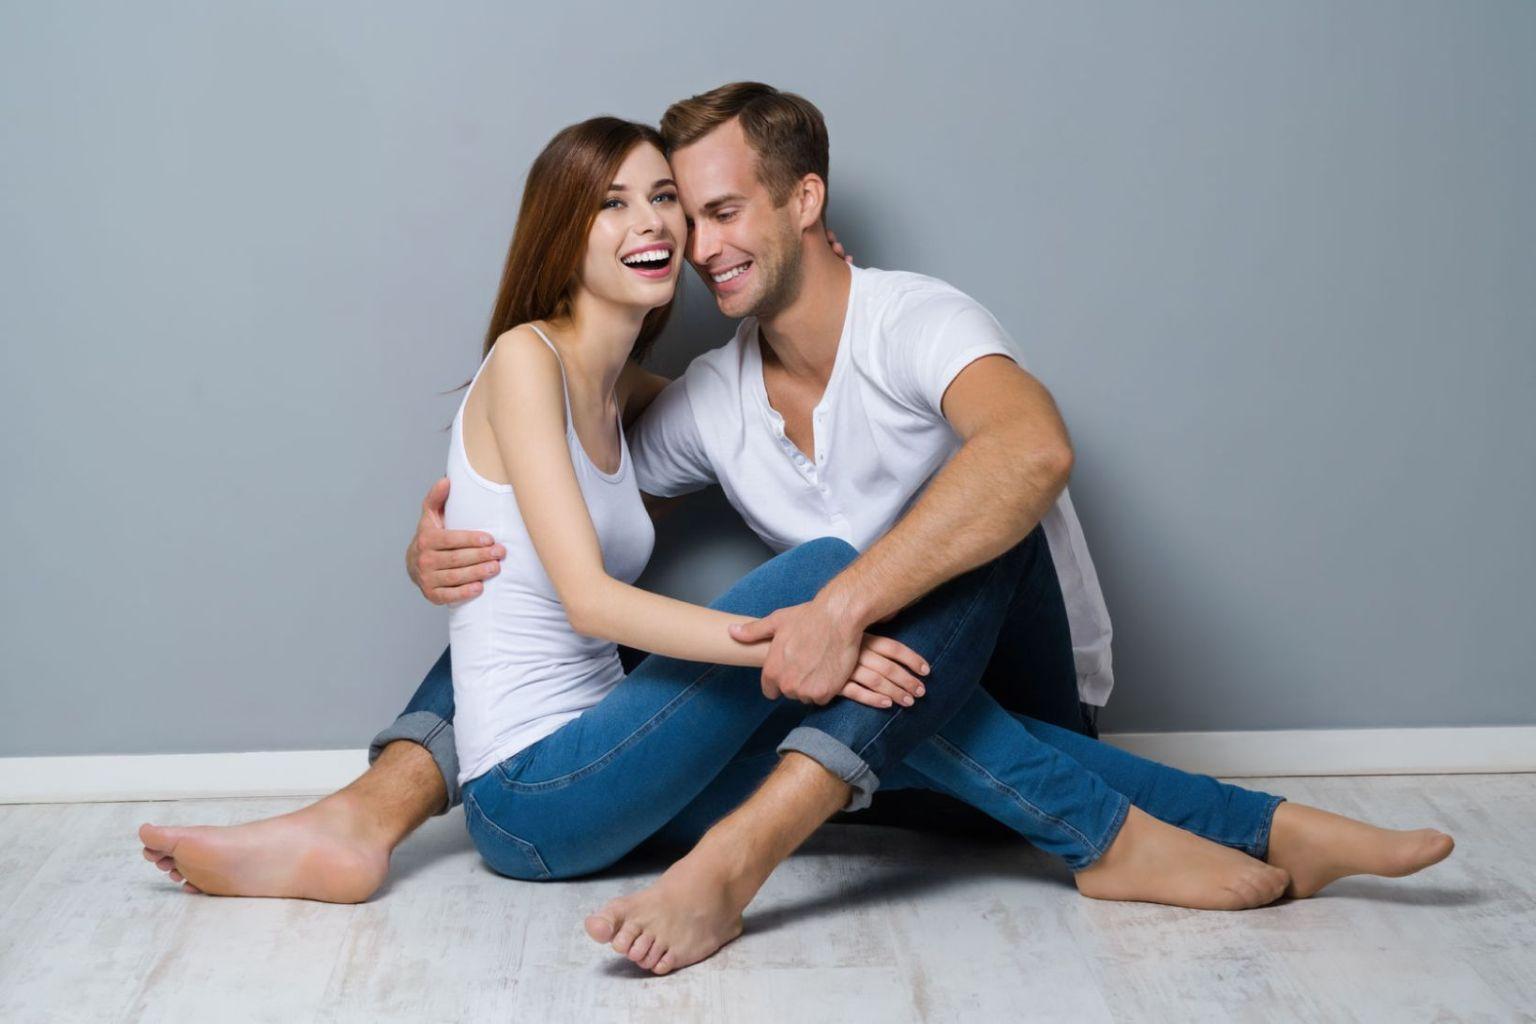 幸せなカップルと不幸なカップルの決定的な違い!